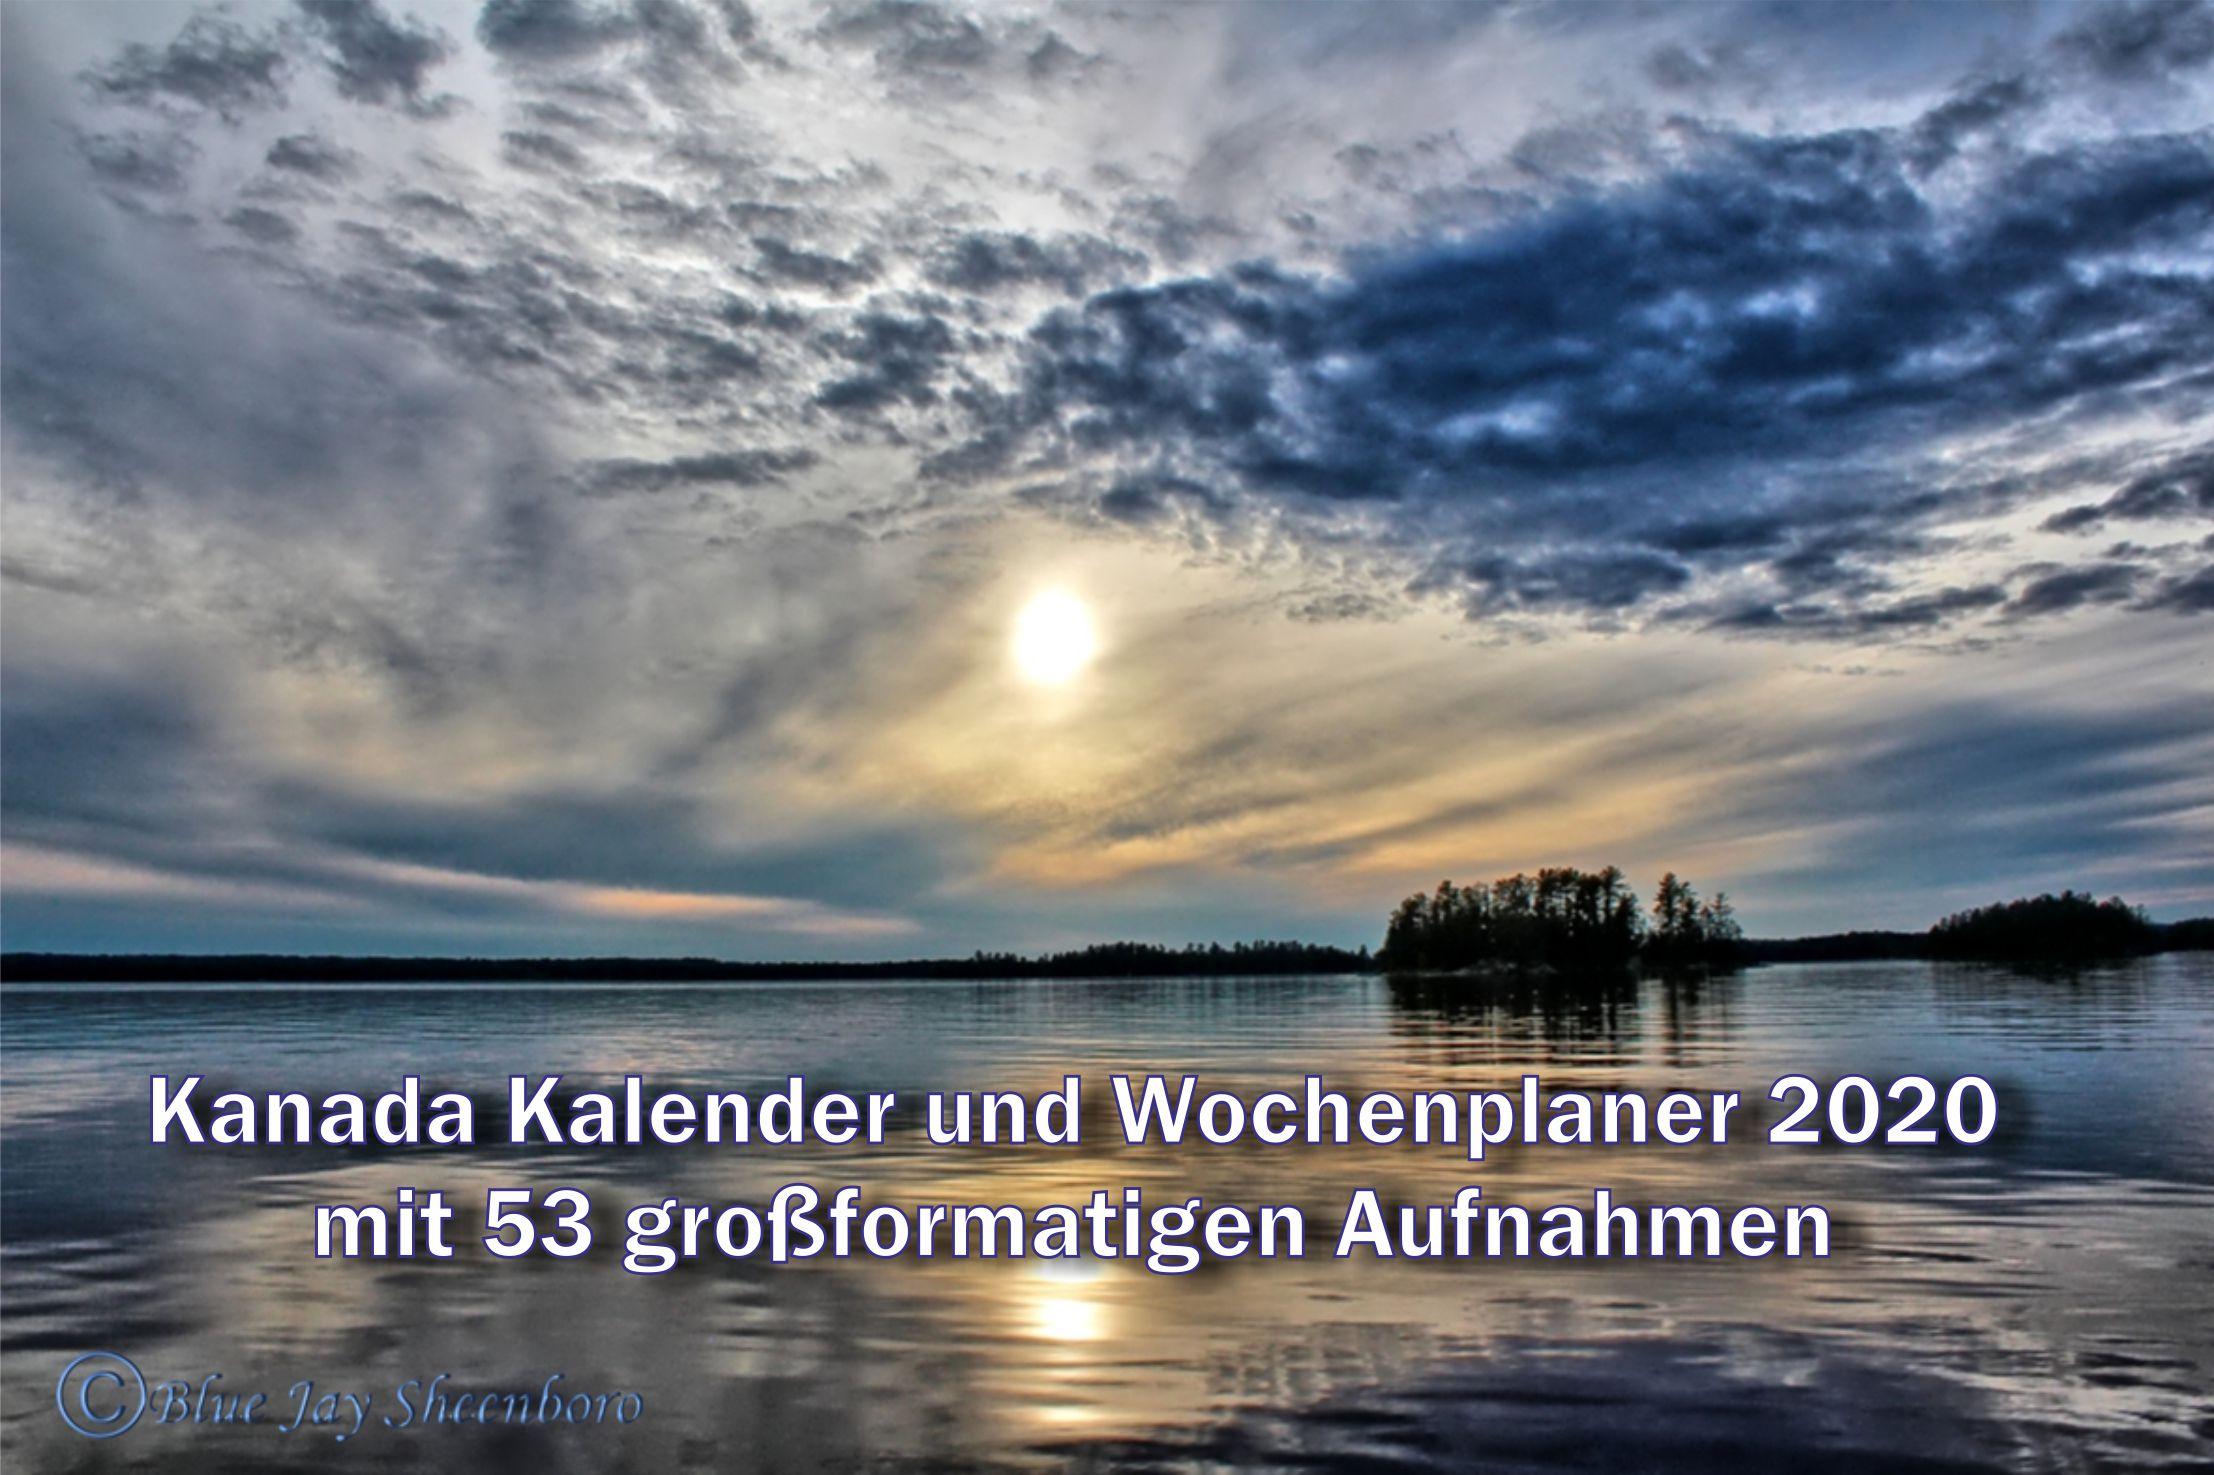 Kanada Kalender und Wochenplaner 2020 mit 53 großformatigen Aufnahmen